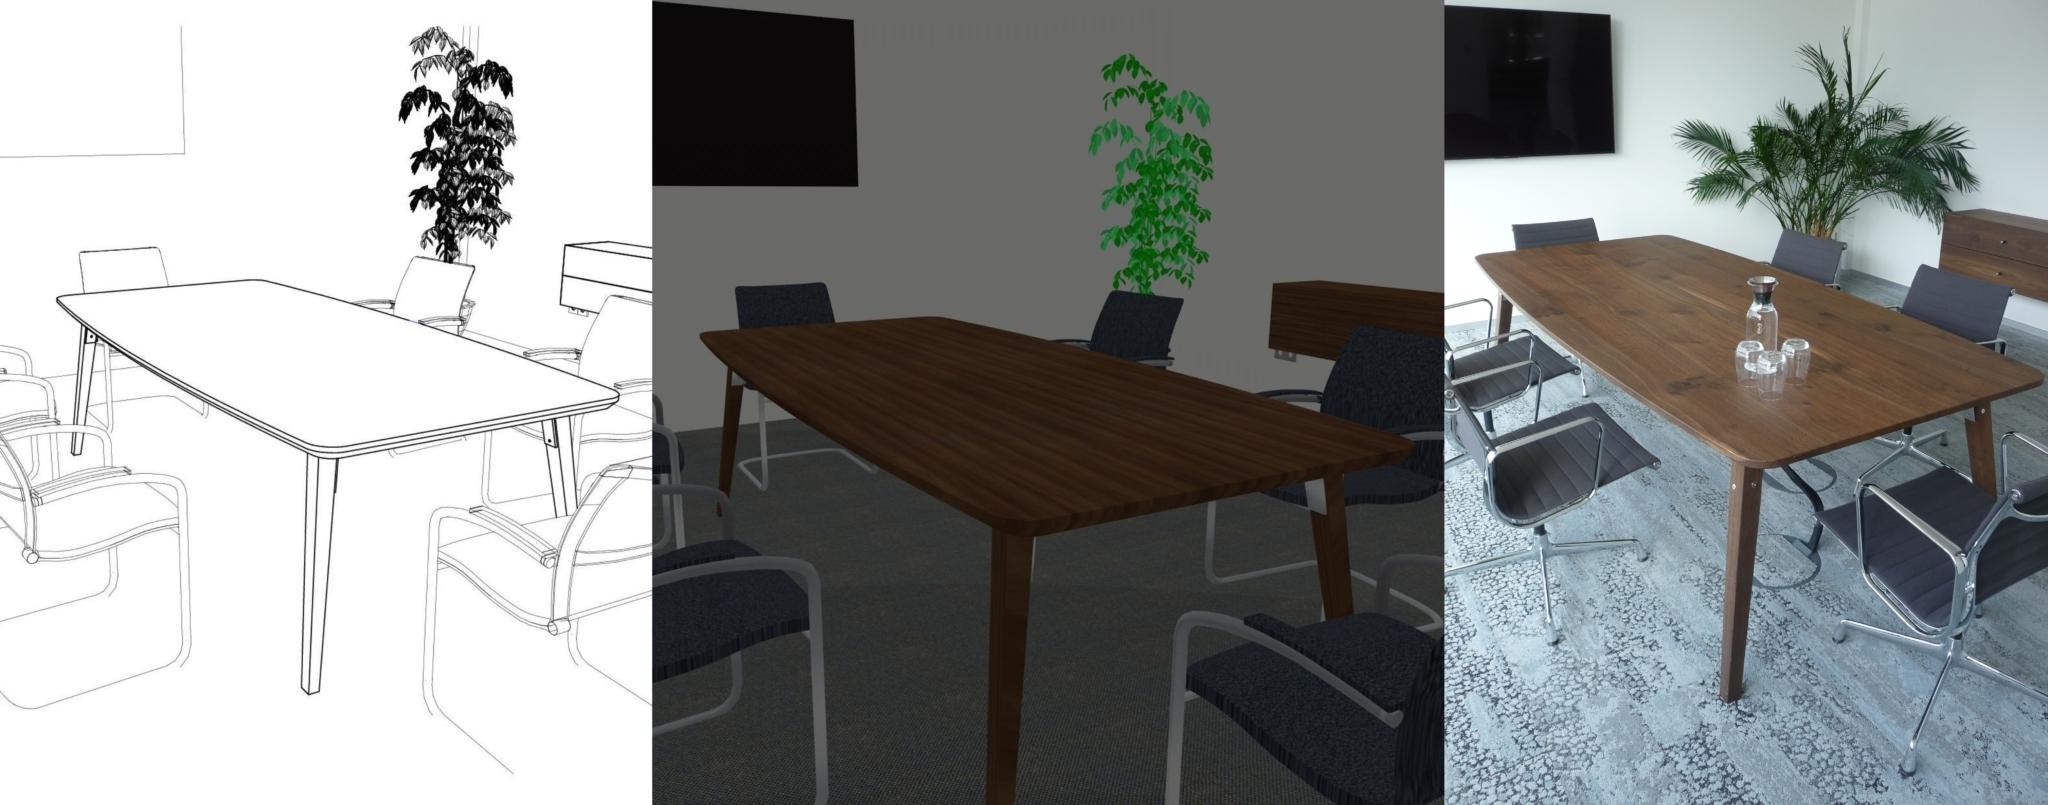 Skizze, Darstellung für den Kunden, gefertigter Tisch